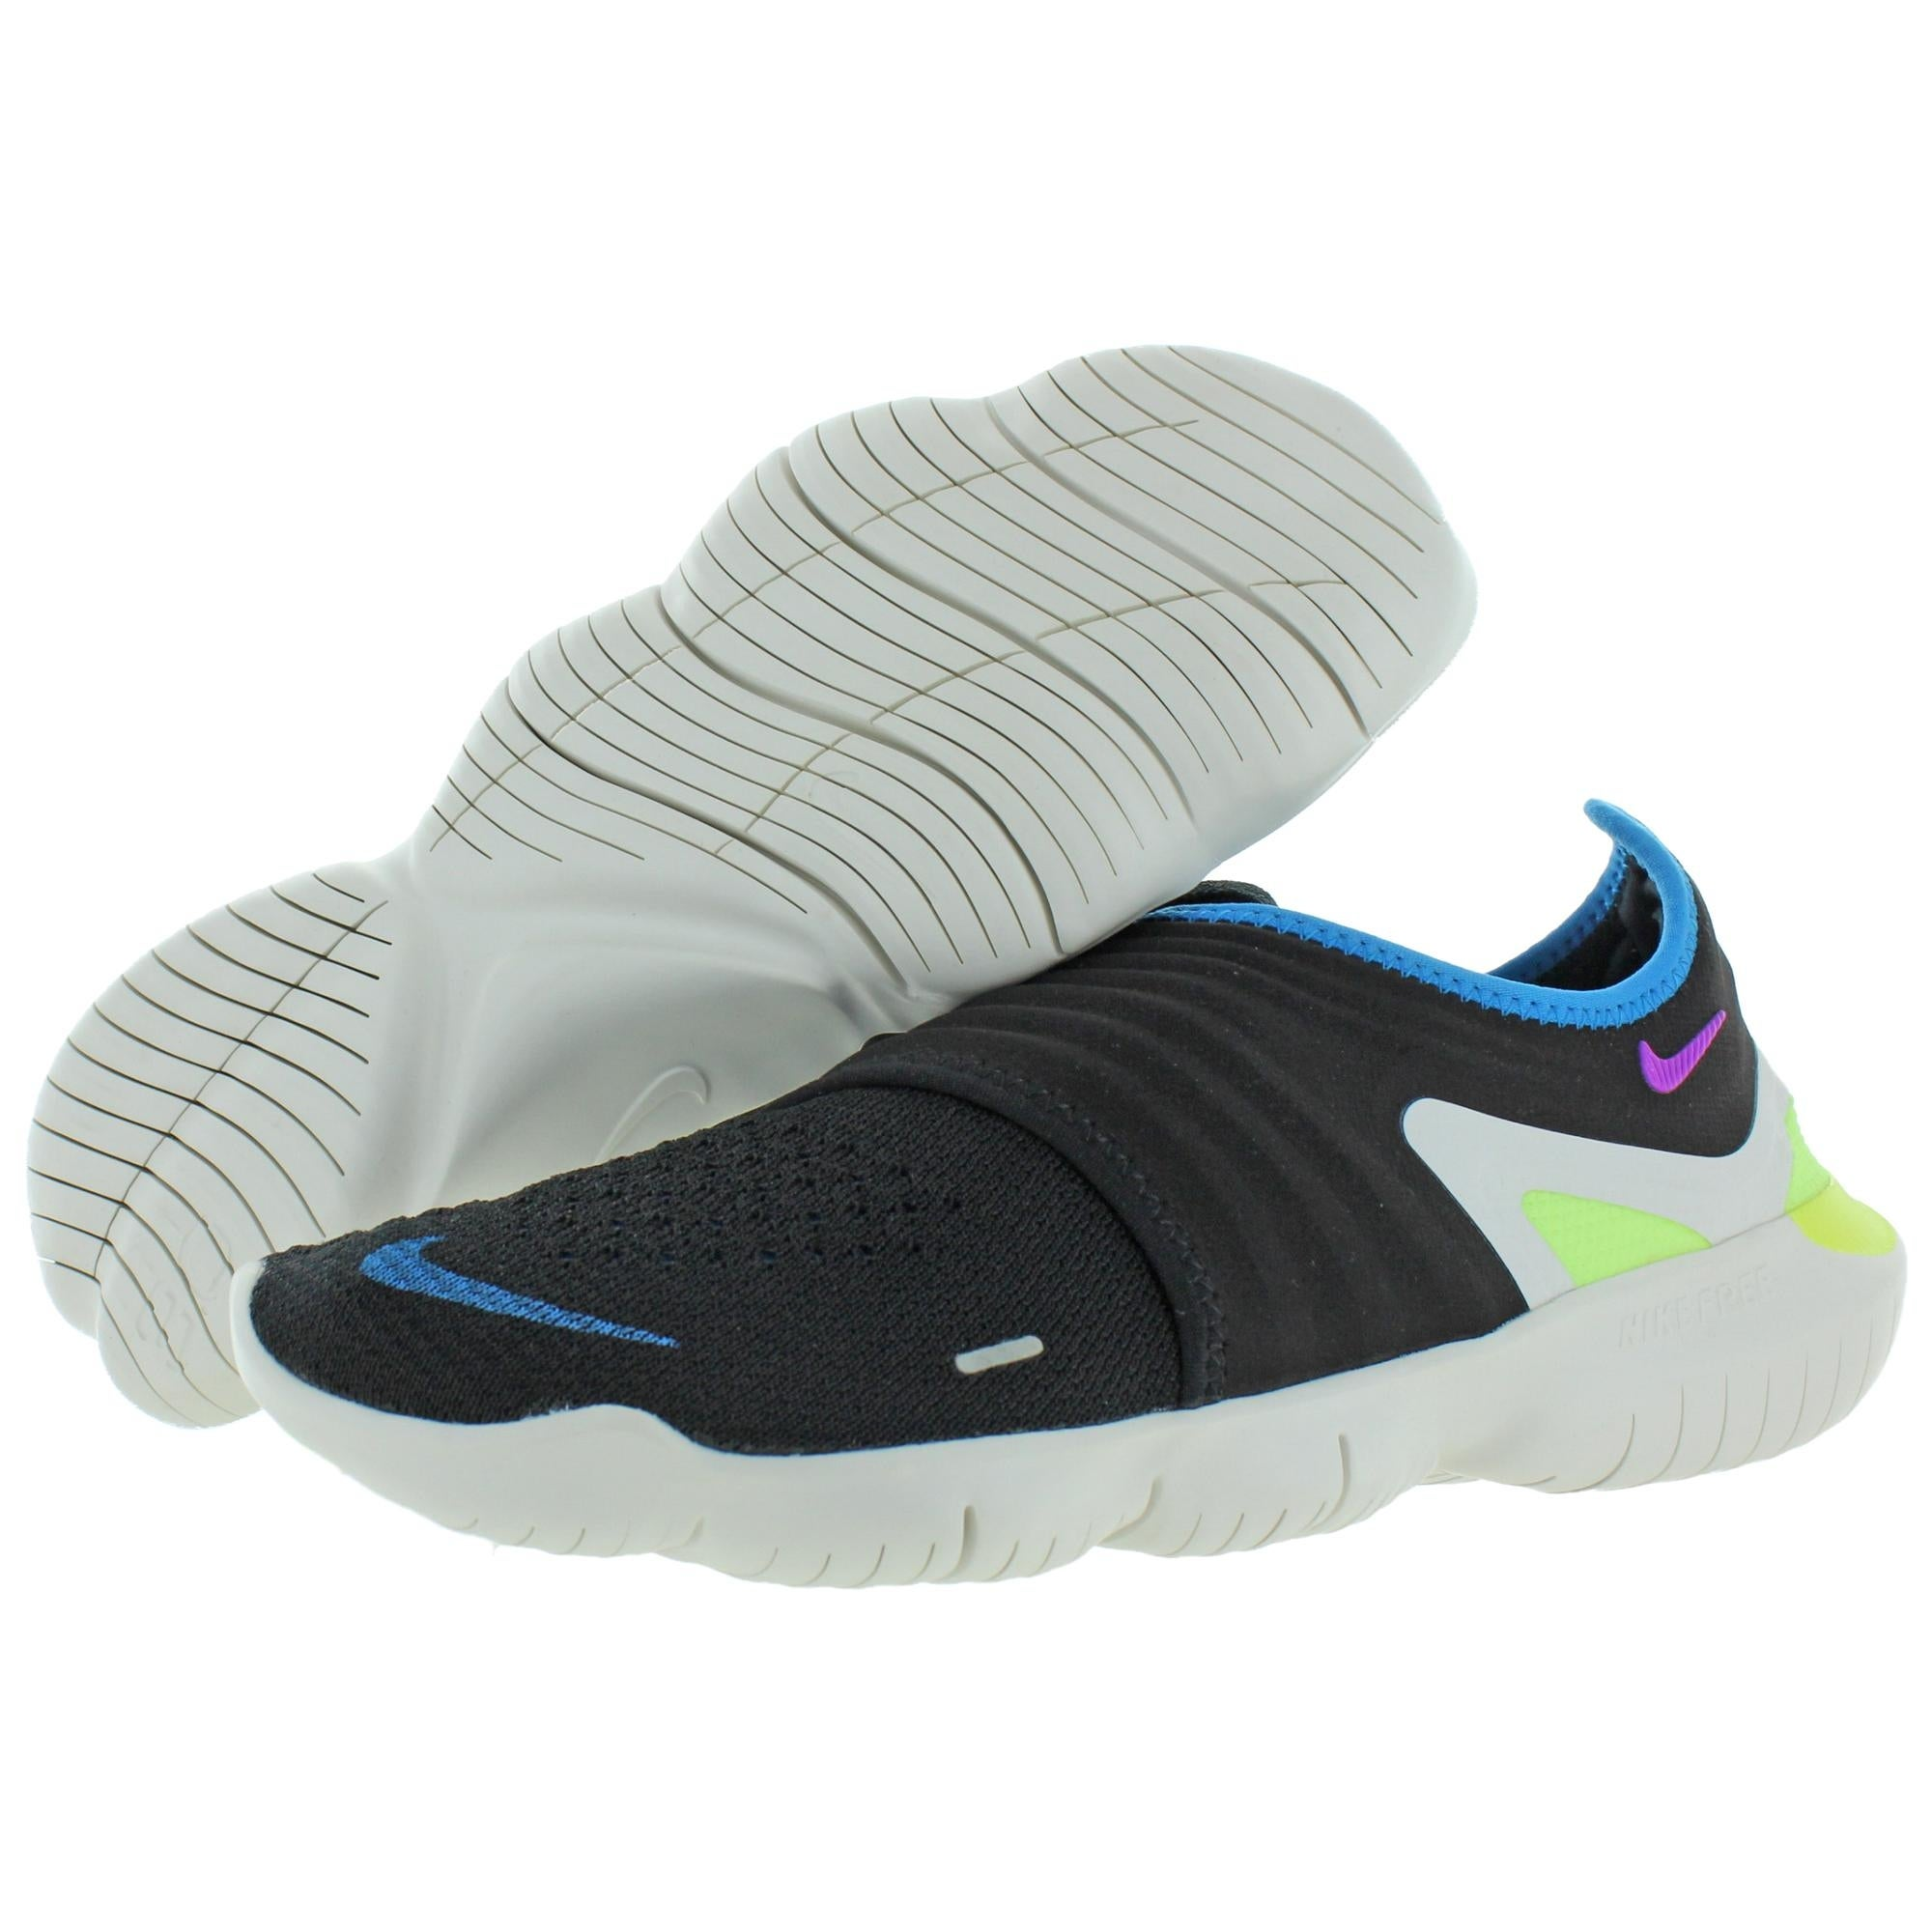 Shop Black Friday Deals on Nike Mens